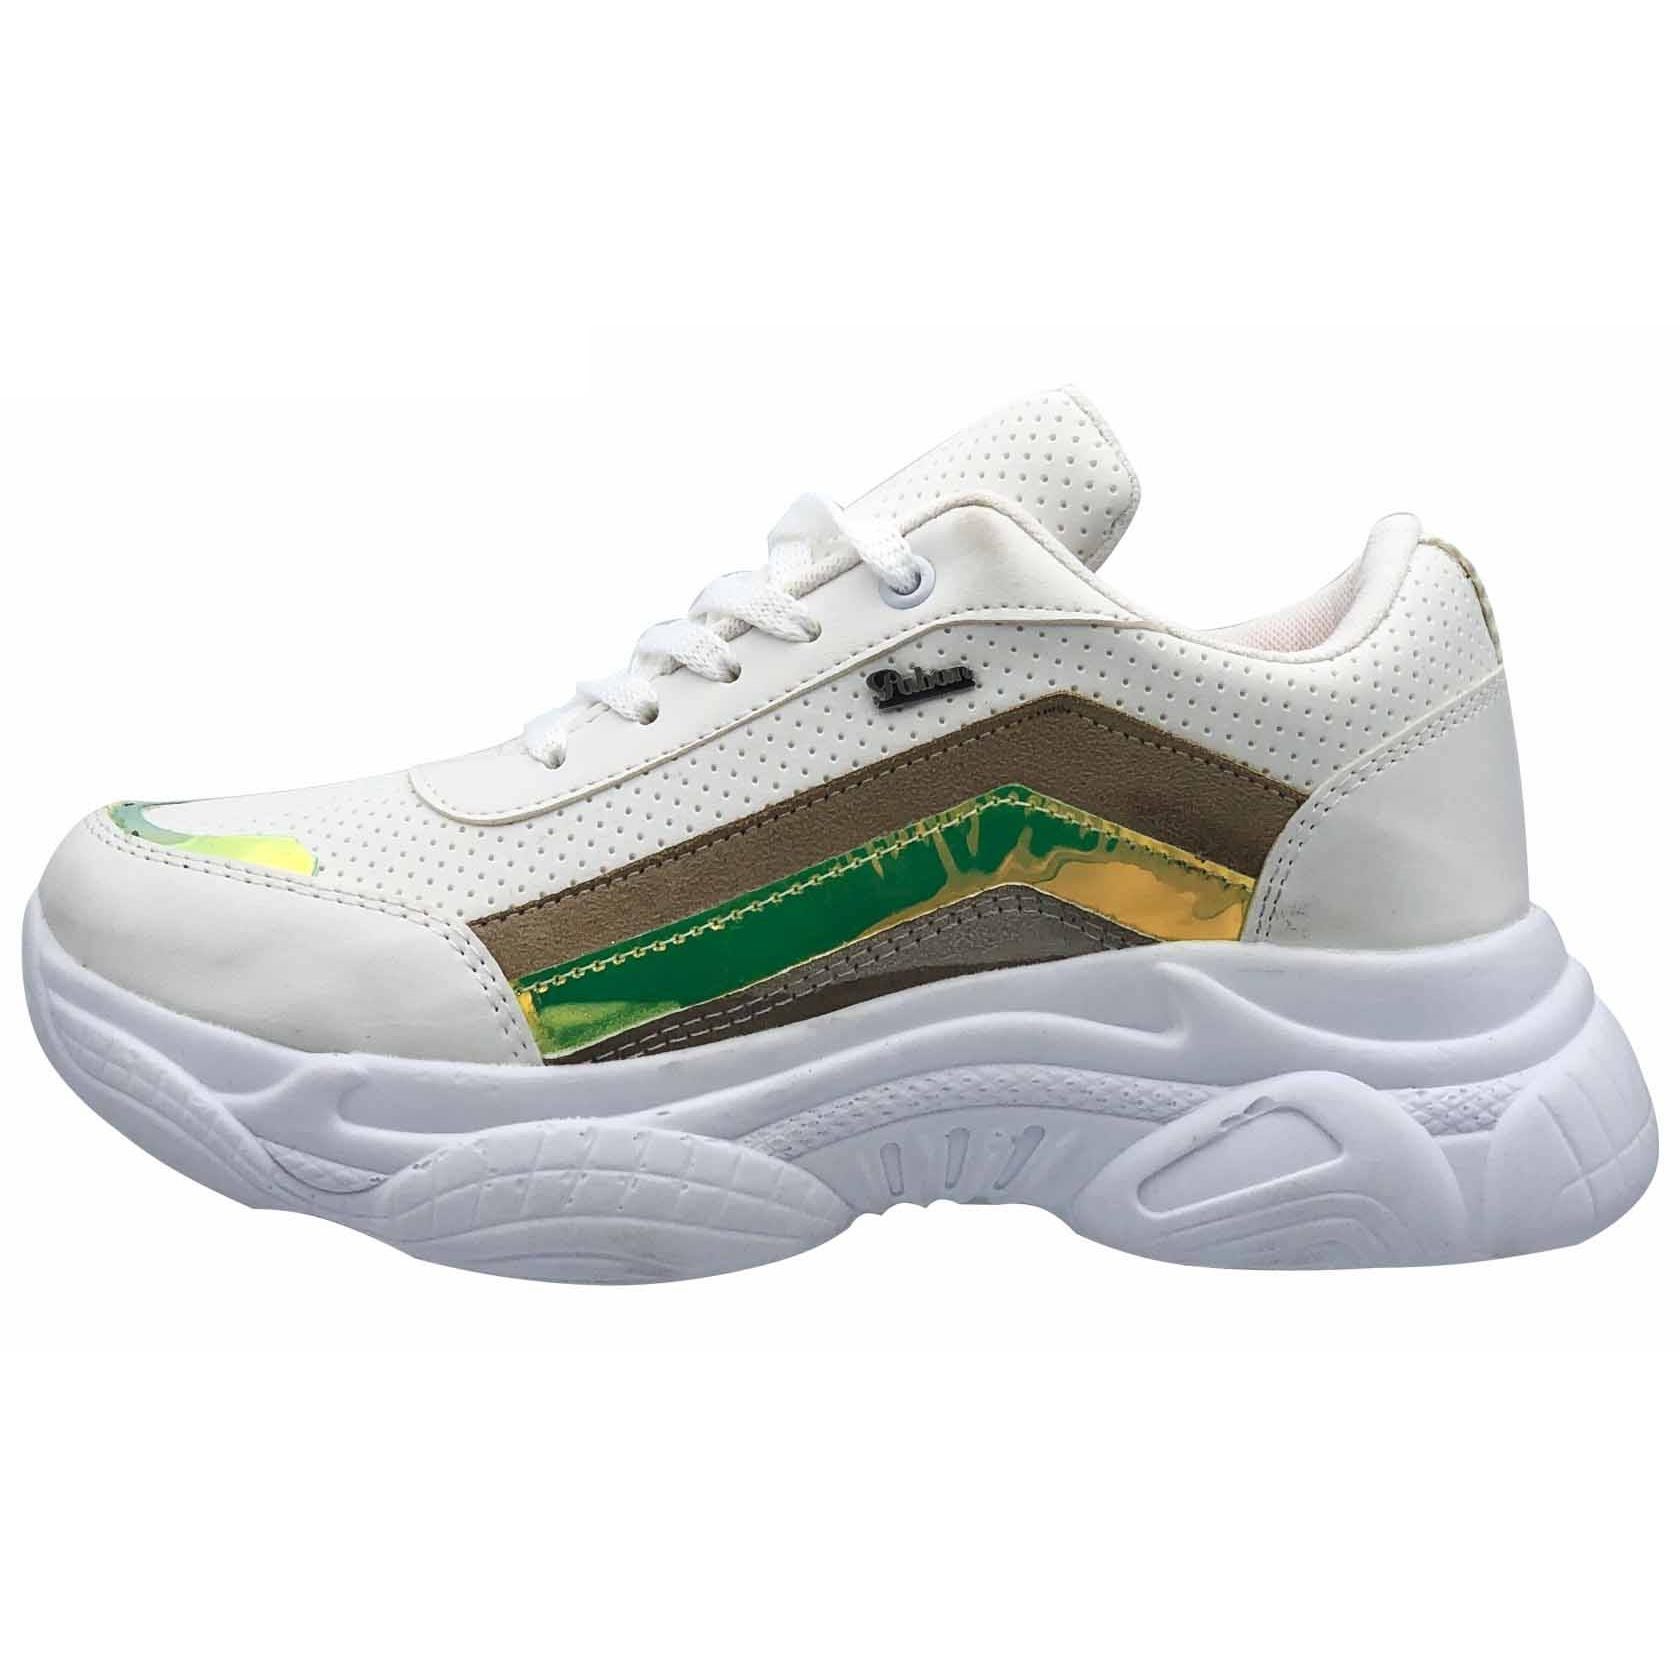 کفش مخصوص پیاده روی زنانه پابان کد 152 g